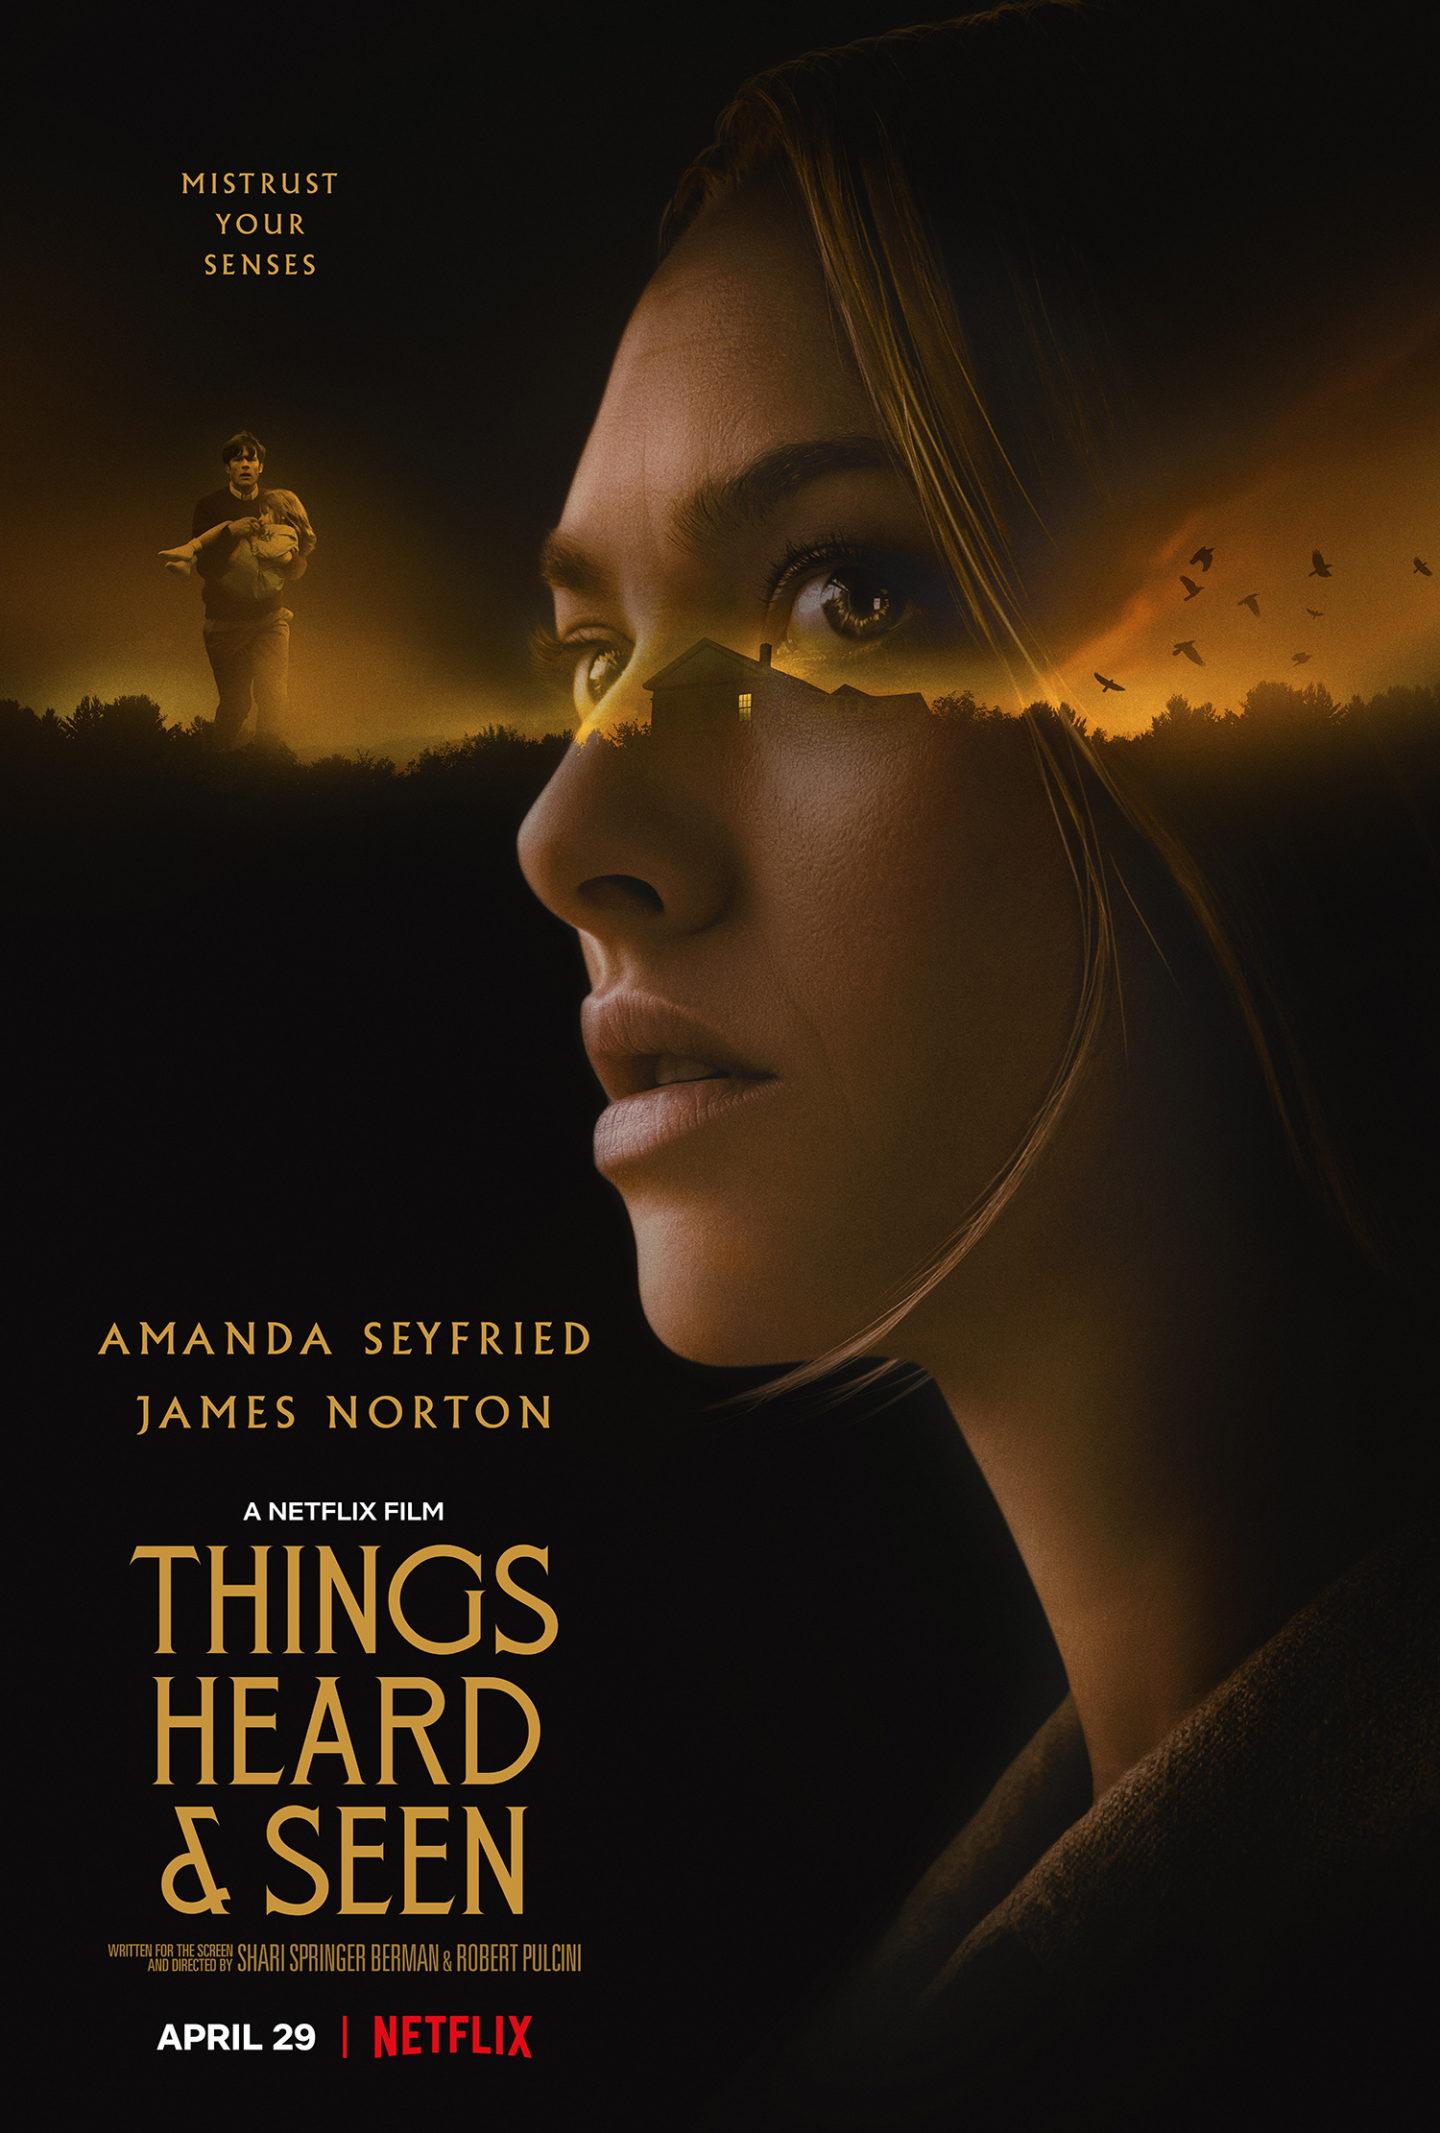 Things Heard & Seen – Netflix Teaser Poster